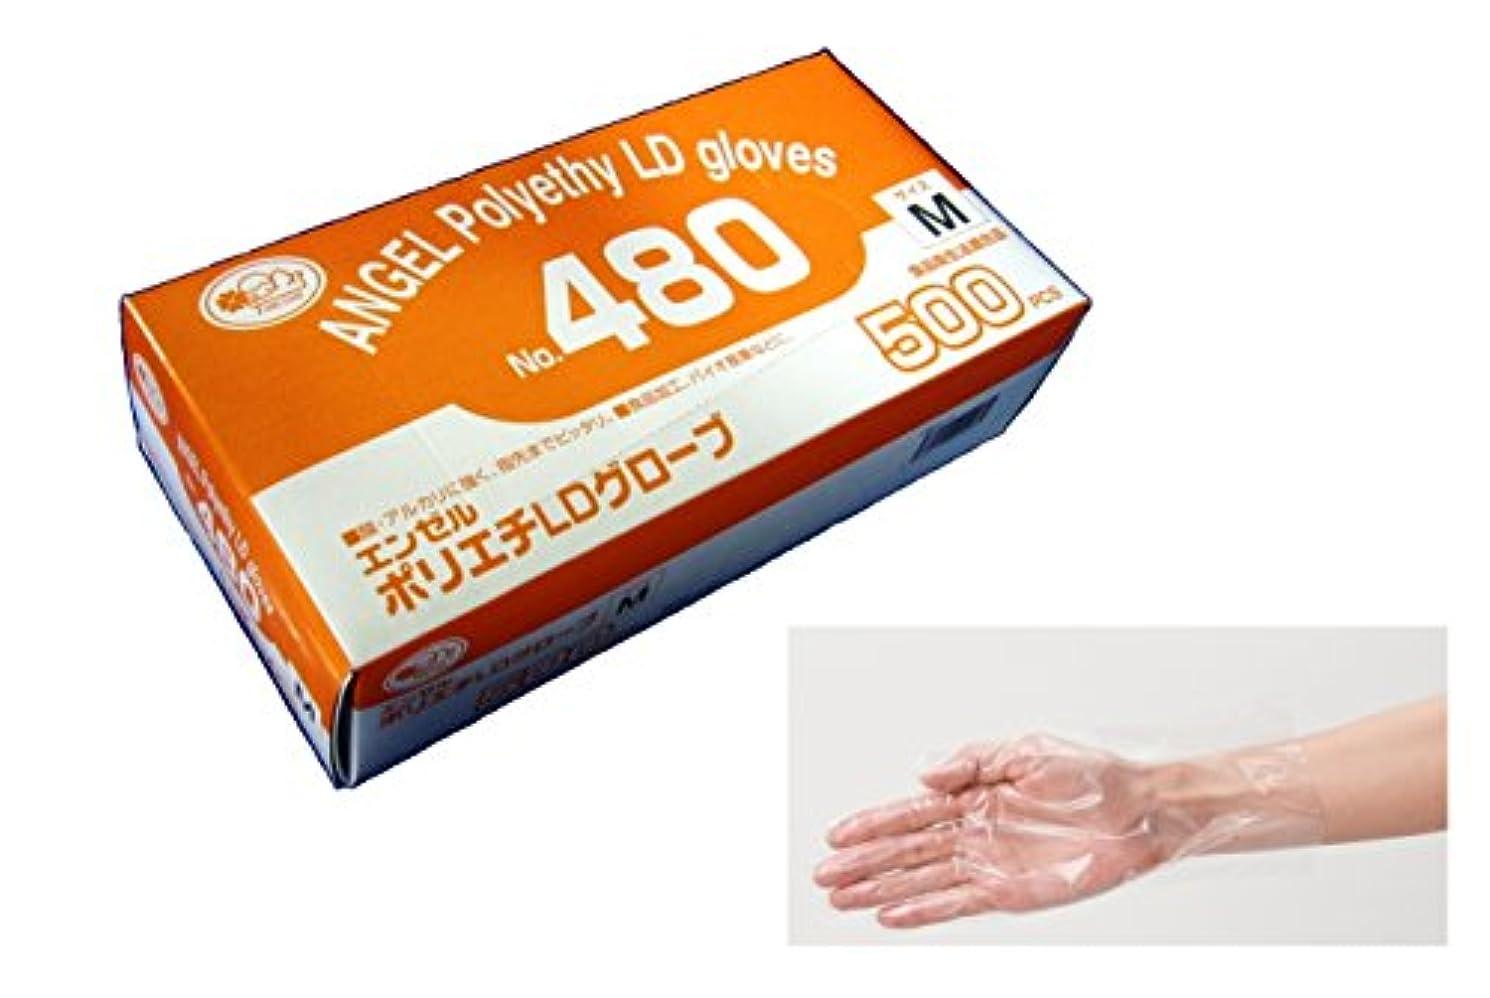 閉塞フリンジ洗練されたサンフラワー No.480 ポリエチLDグローブ クリア 箱入 500枚入り (M)